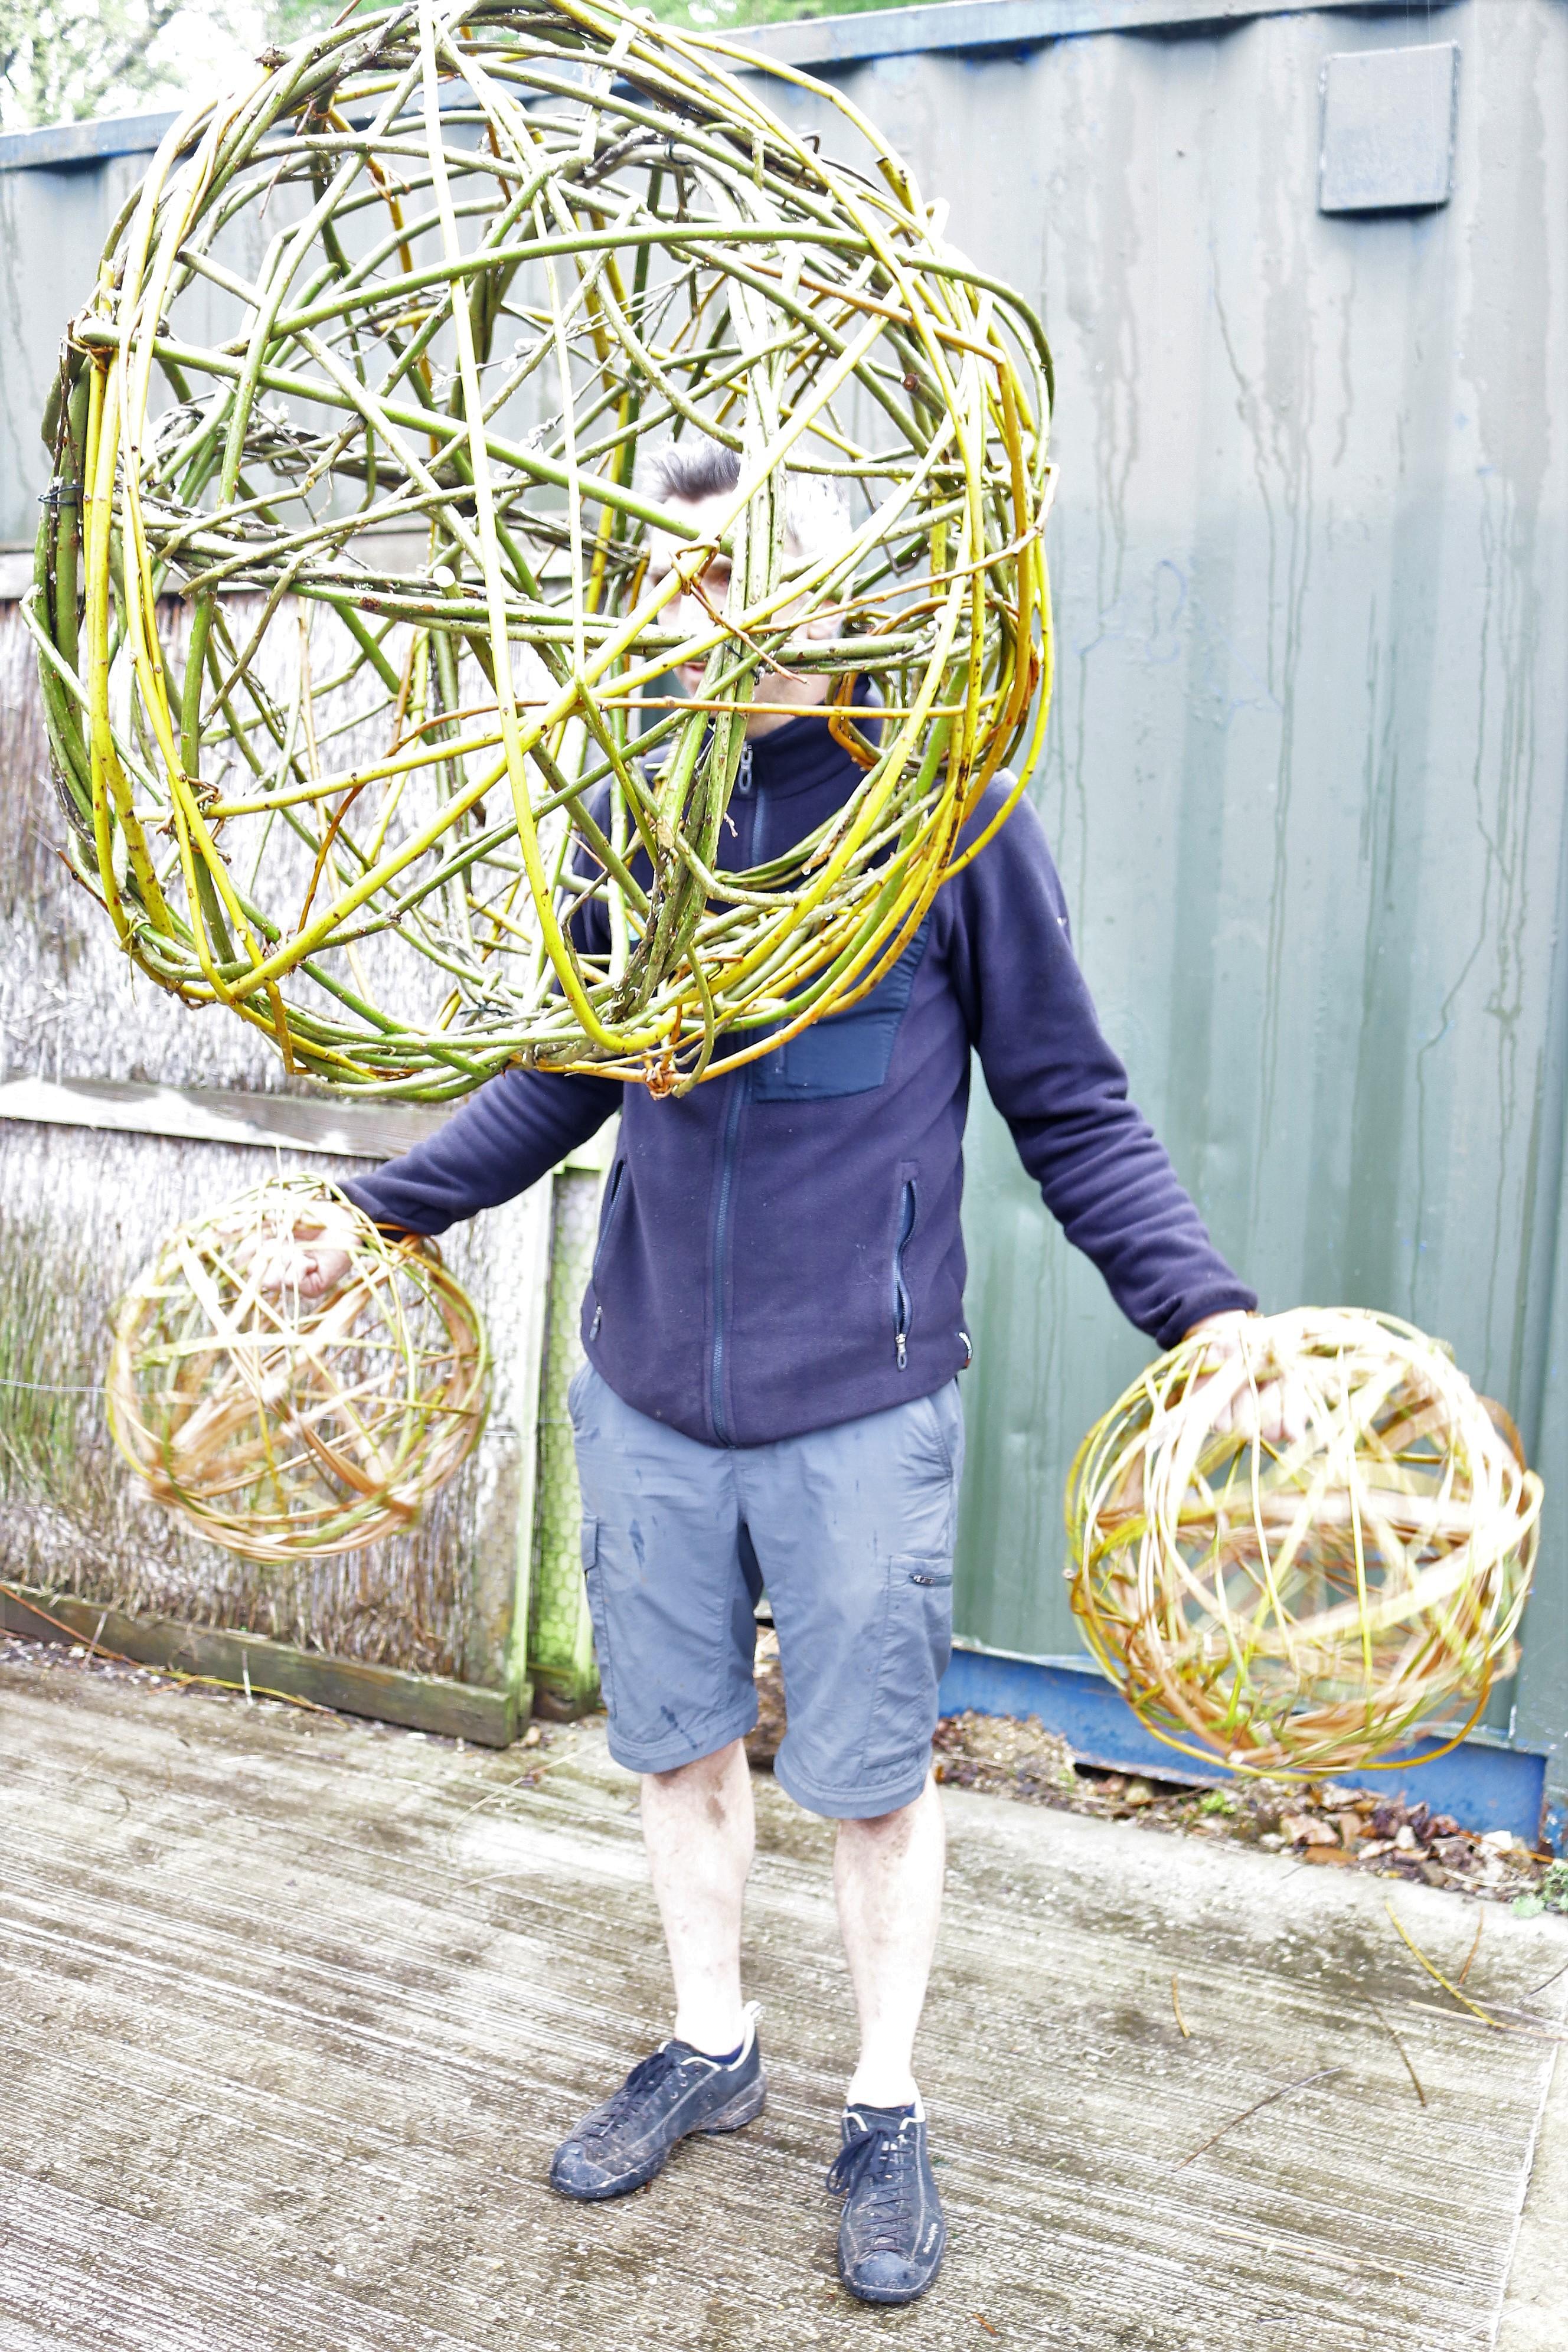 Graeme spheres